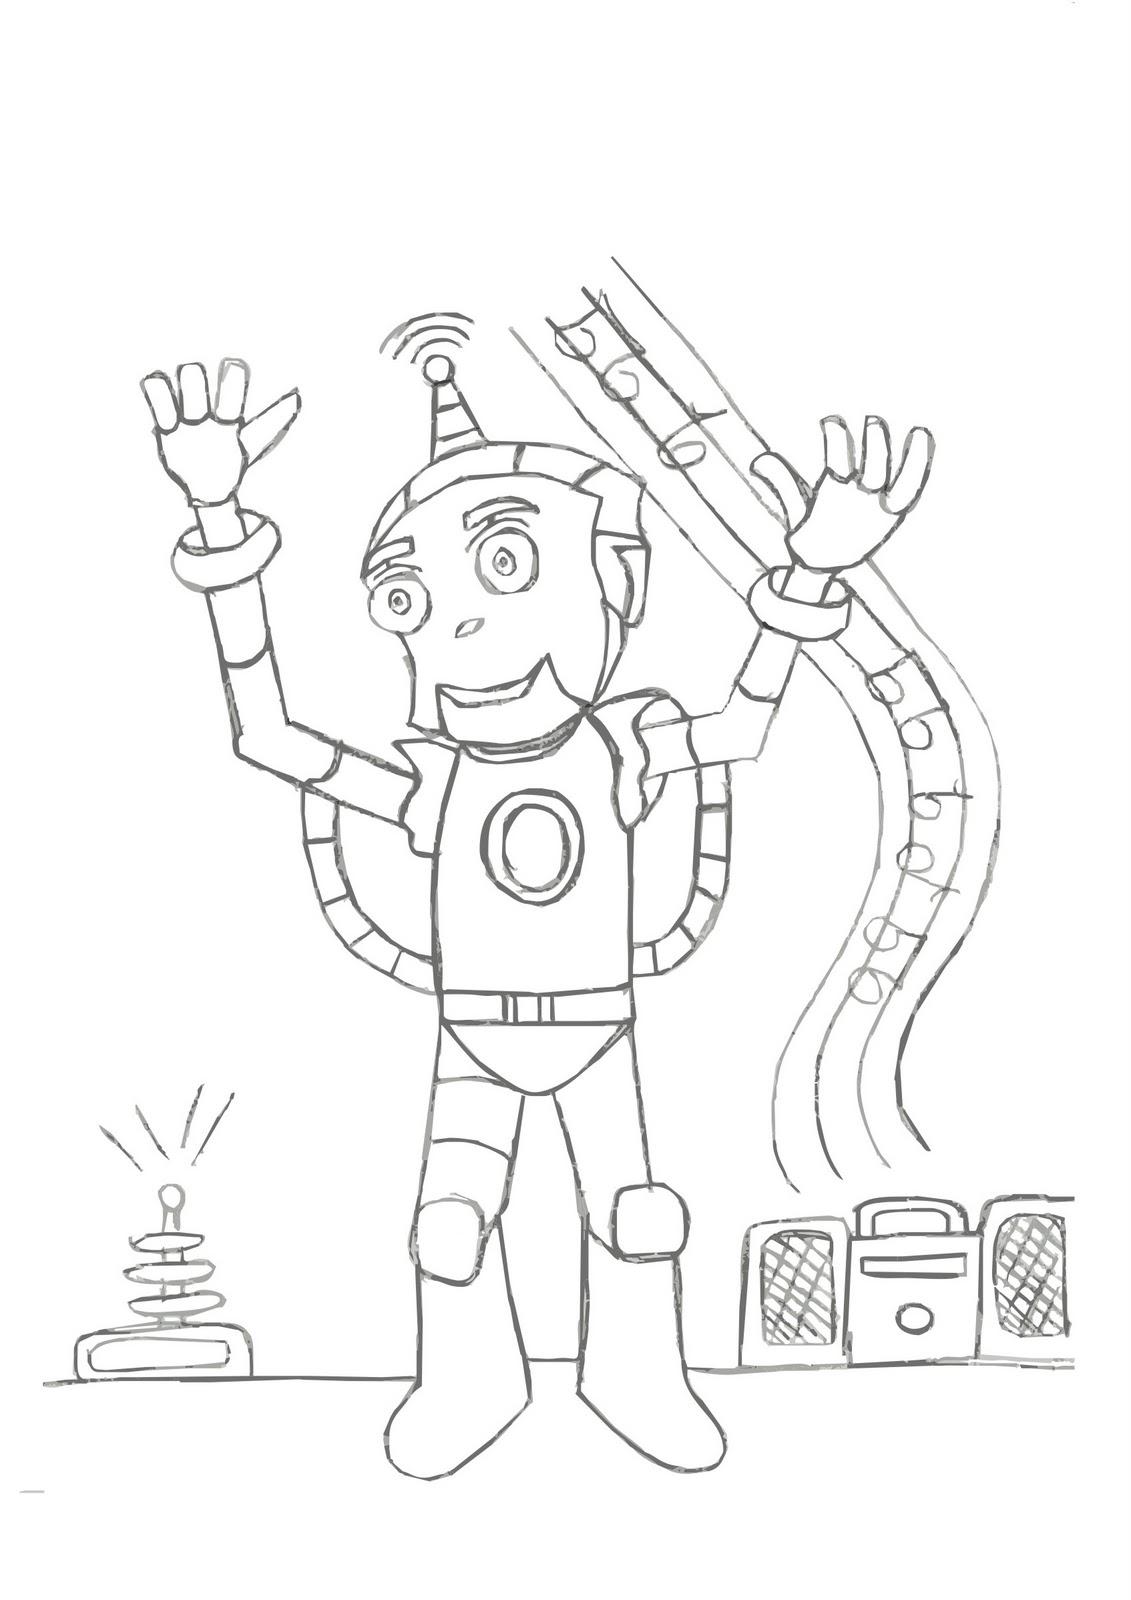 Desenhos Para Colorir Desenho Para Colorir De Robo Robo Para